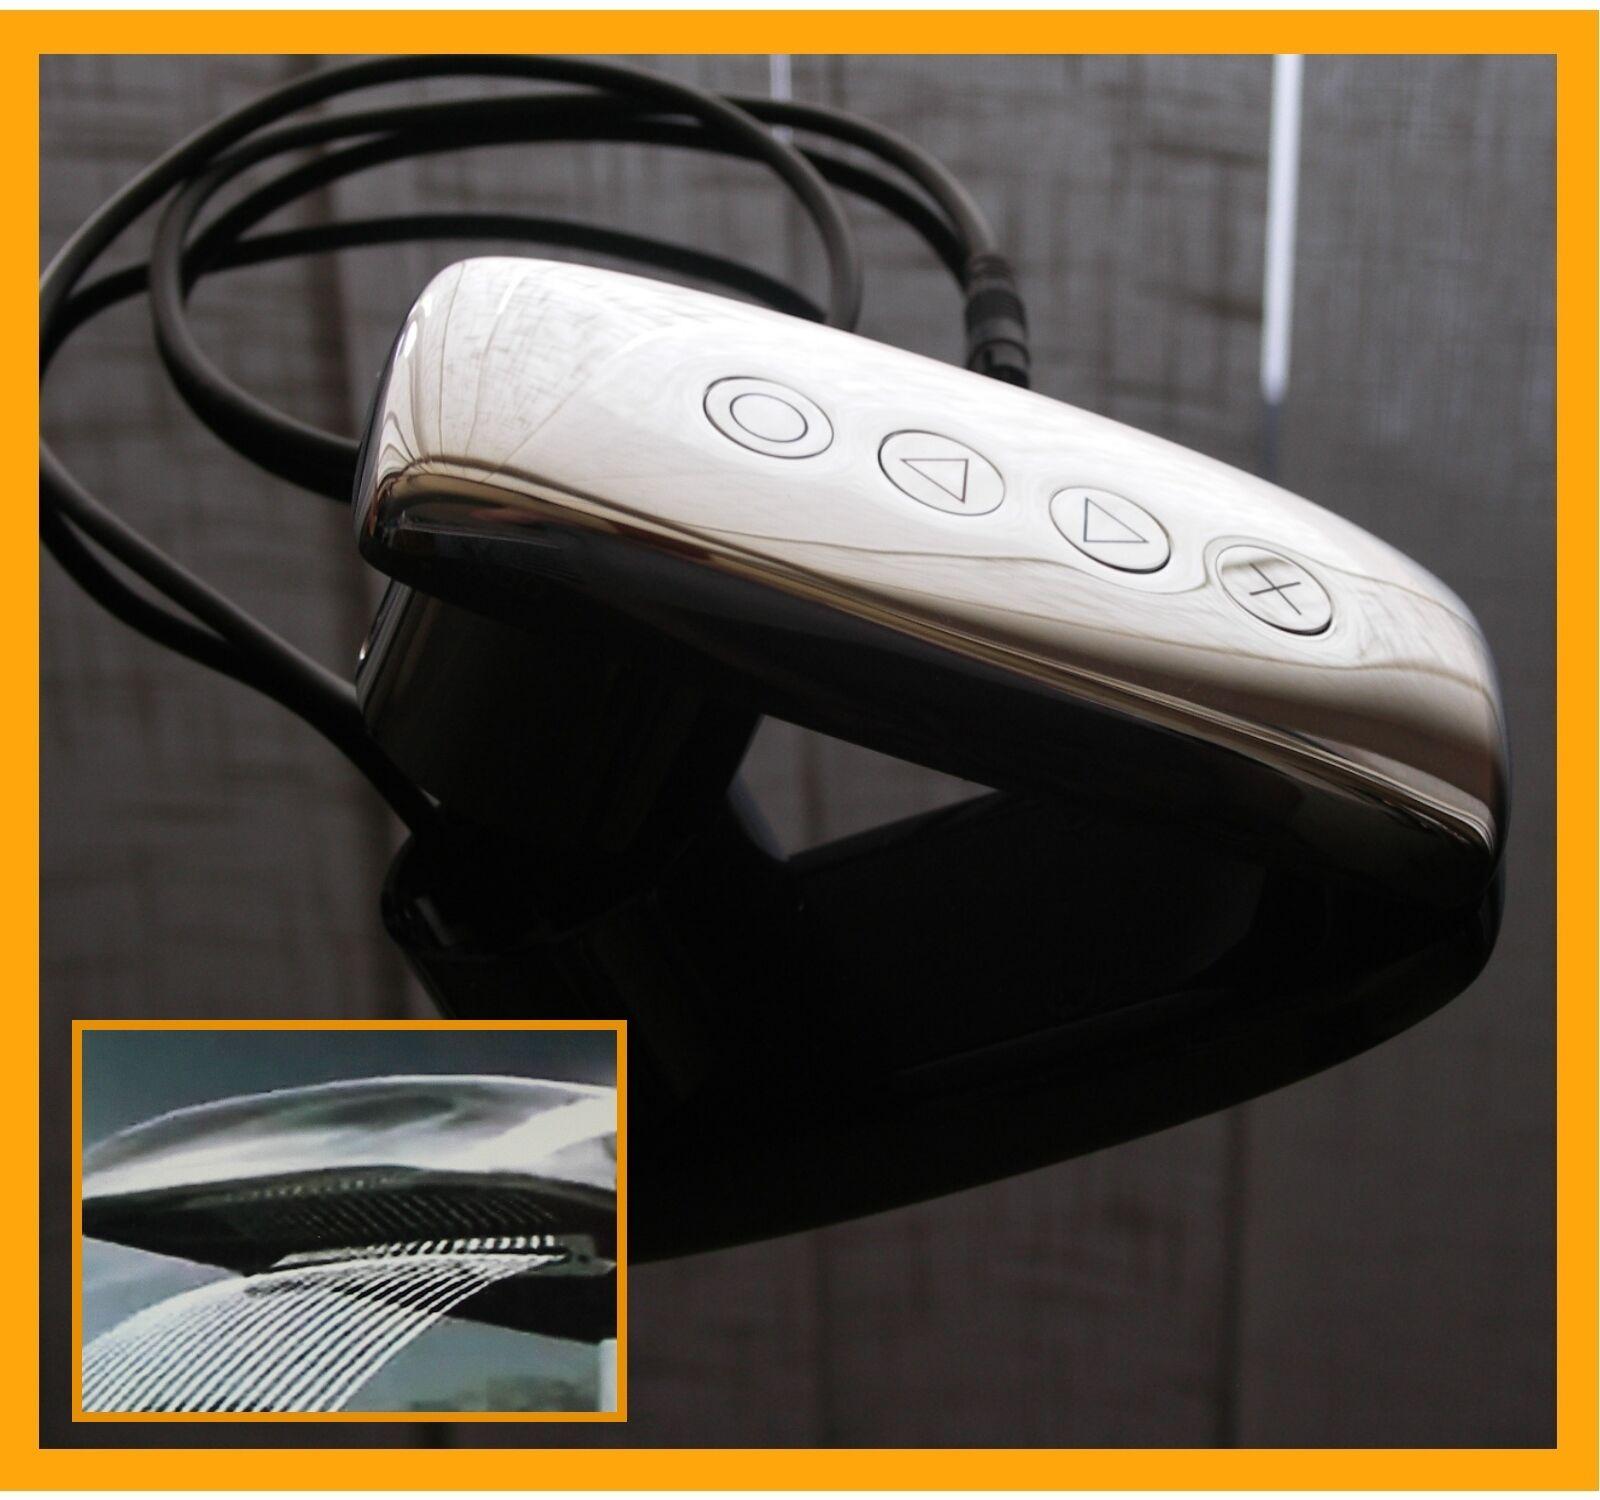 Design Jado Wasserfallarmatur elektronisch Waschtischarmatur Bad Wasserhahn NEU